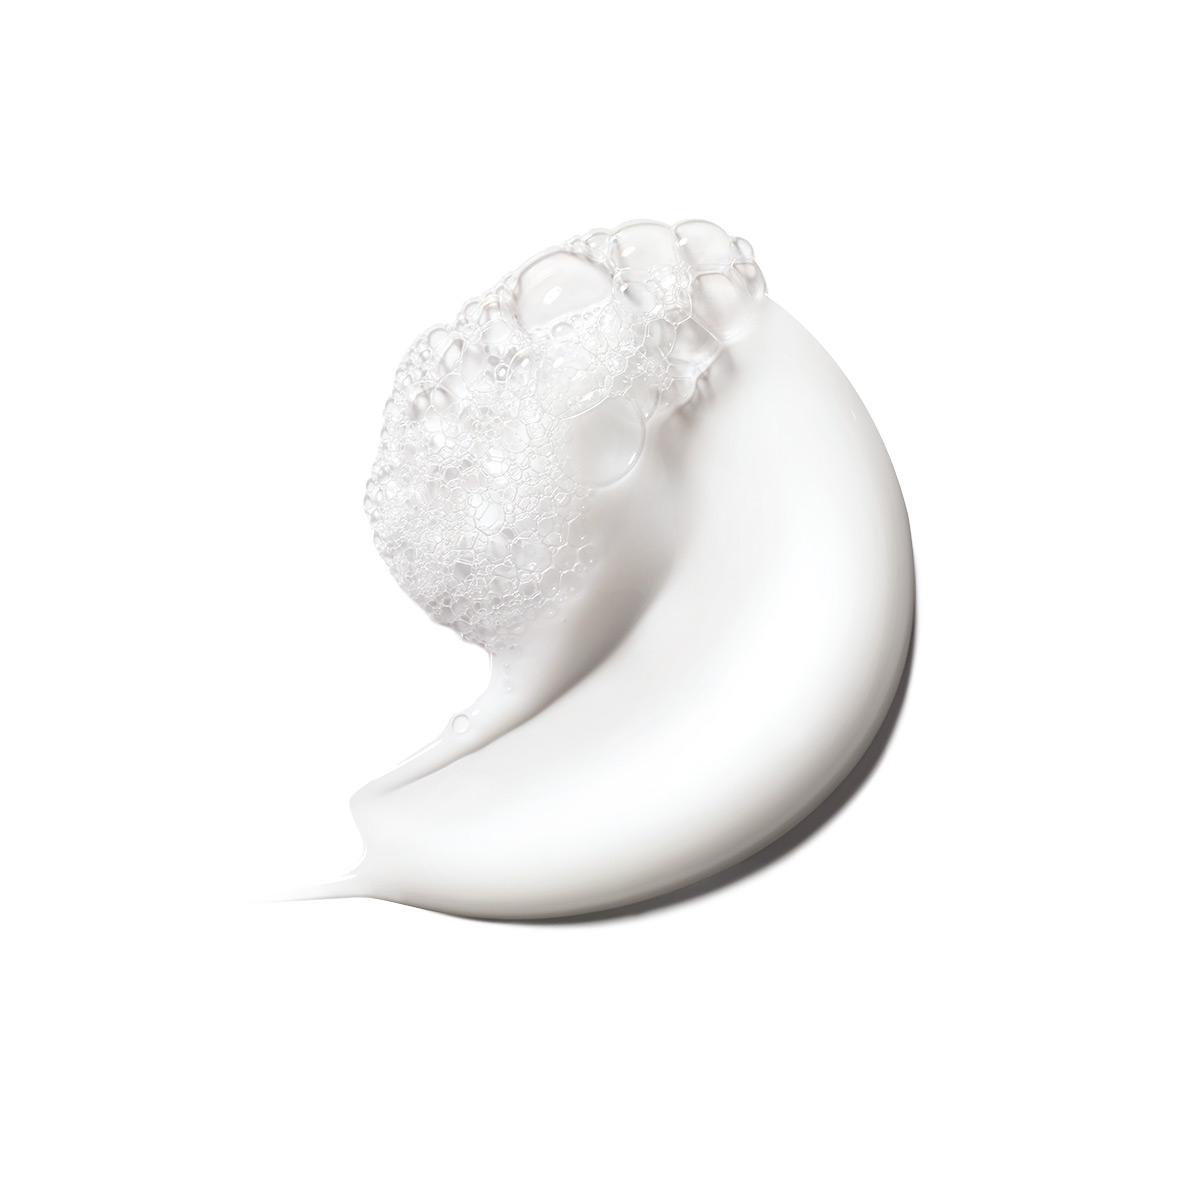 La Roche-Posay TOLERIANE 抗敏舒緩系列系列的TOLERIANE Caring wash 抗敏保濕高效潔面乳 $200 產品圖片